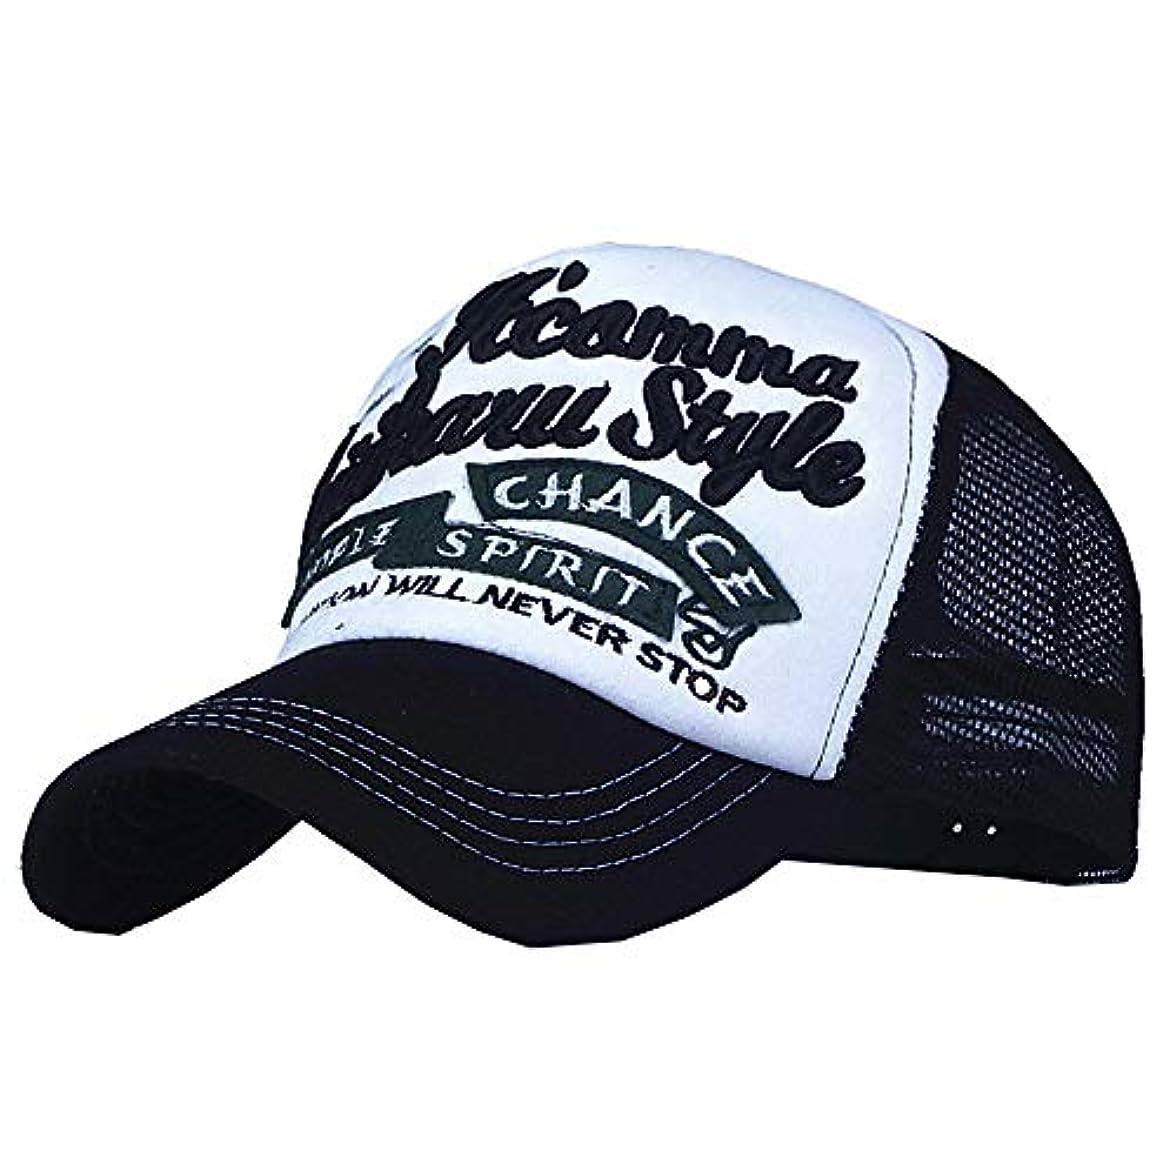 ダウンタウン手順不規則性Racazing パッチワーク 野球帽 ヒップホップ メンズ 夏 登山 帽子メッシュ 可調整可能 プラスベルベット 棒球帽 UV 帽子 軽量 屋外 Unisex 鸭舌帽 Hat Cap